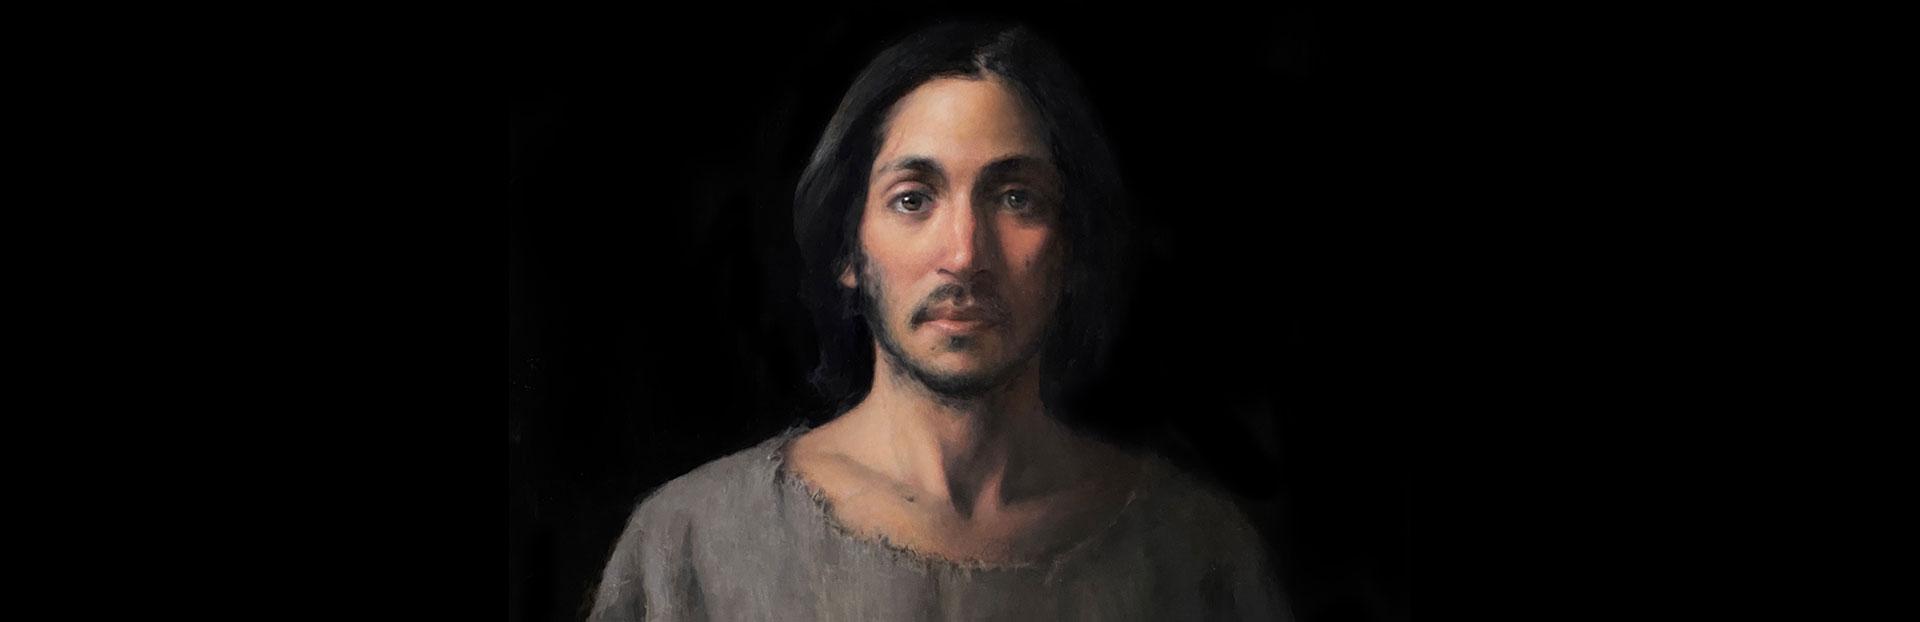 31 July: Feast of Saint Ignatius of Loyola